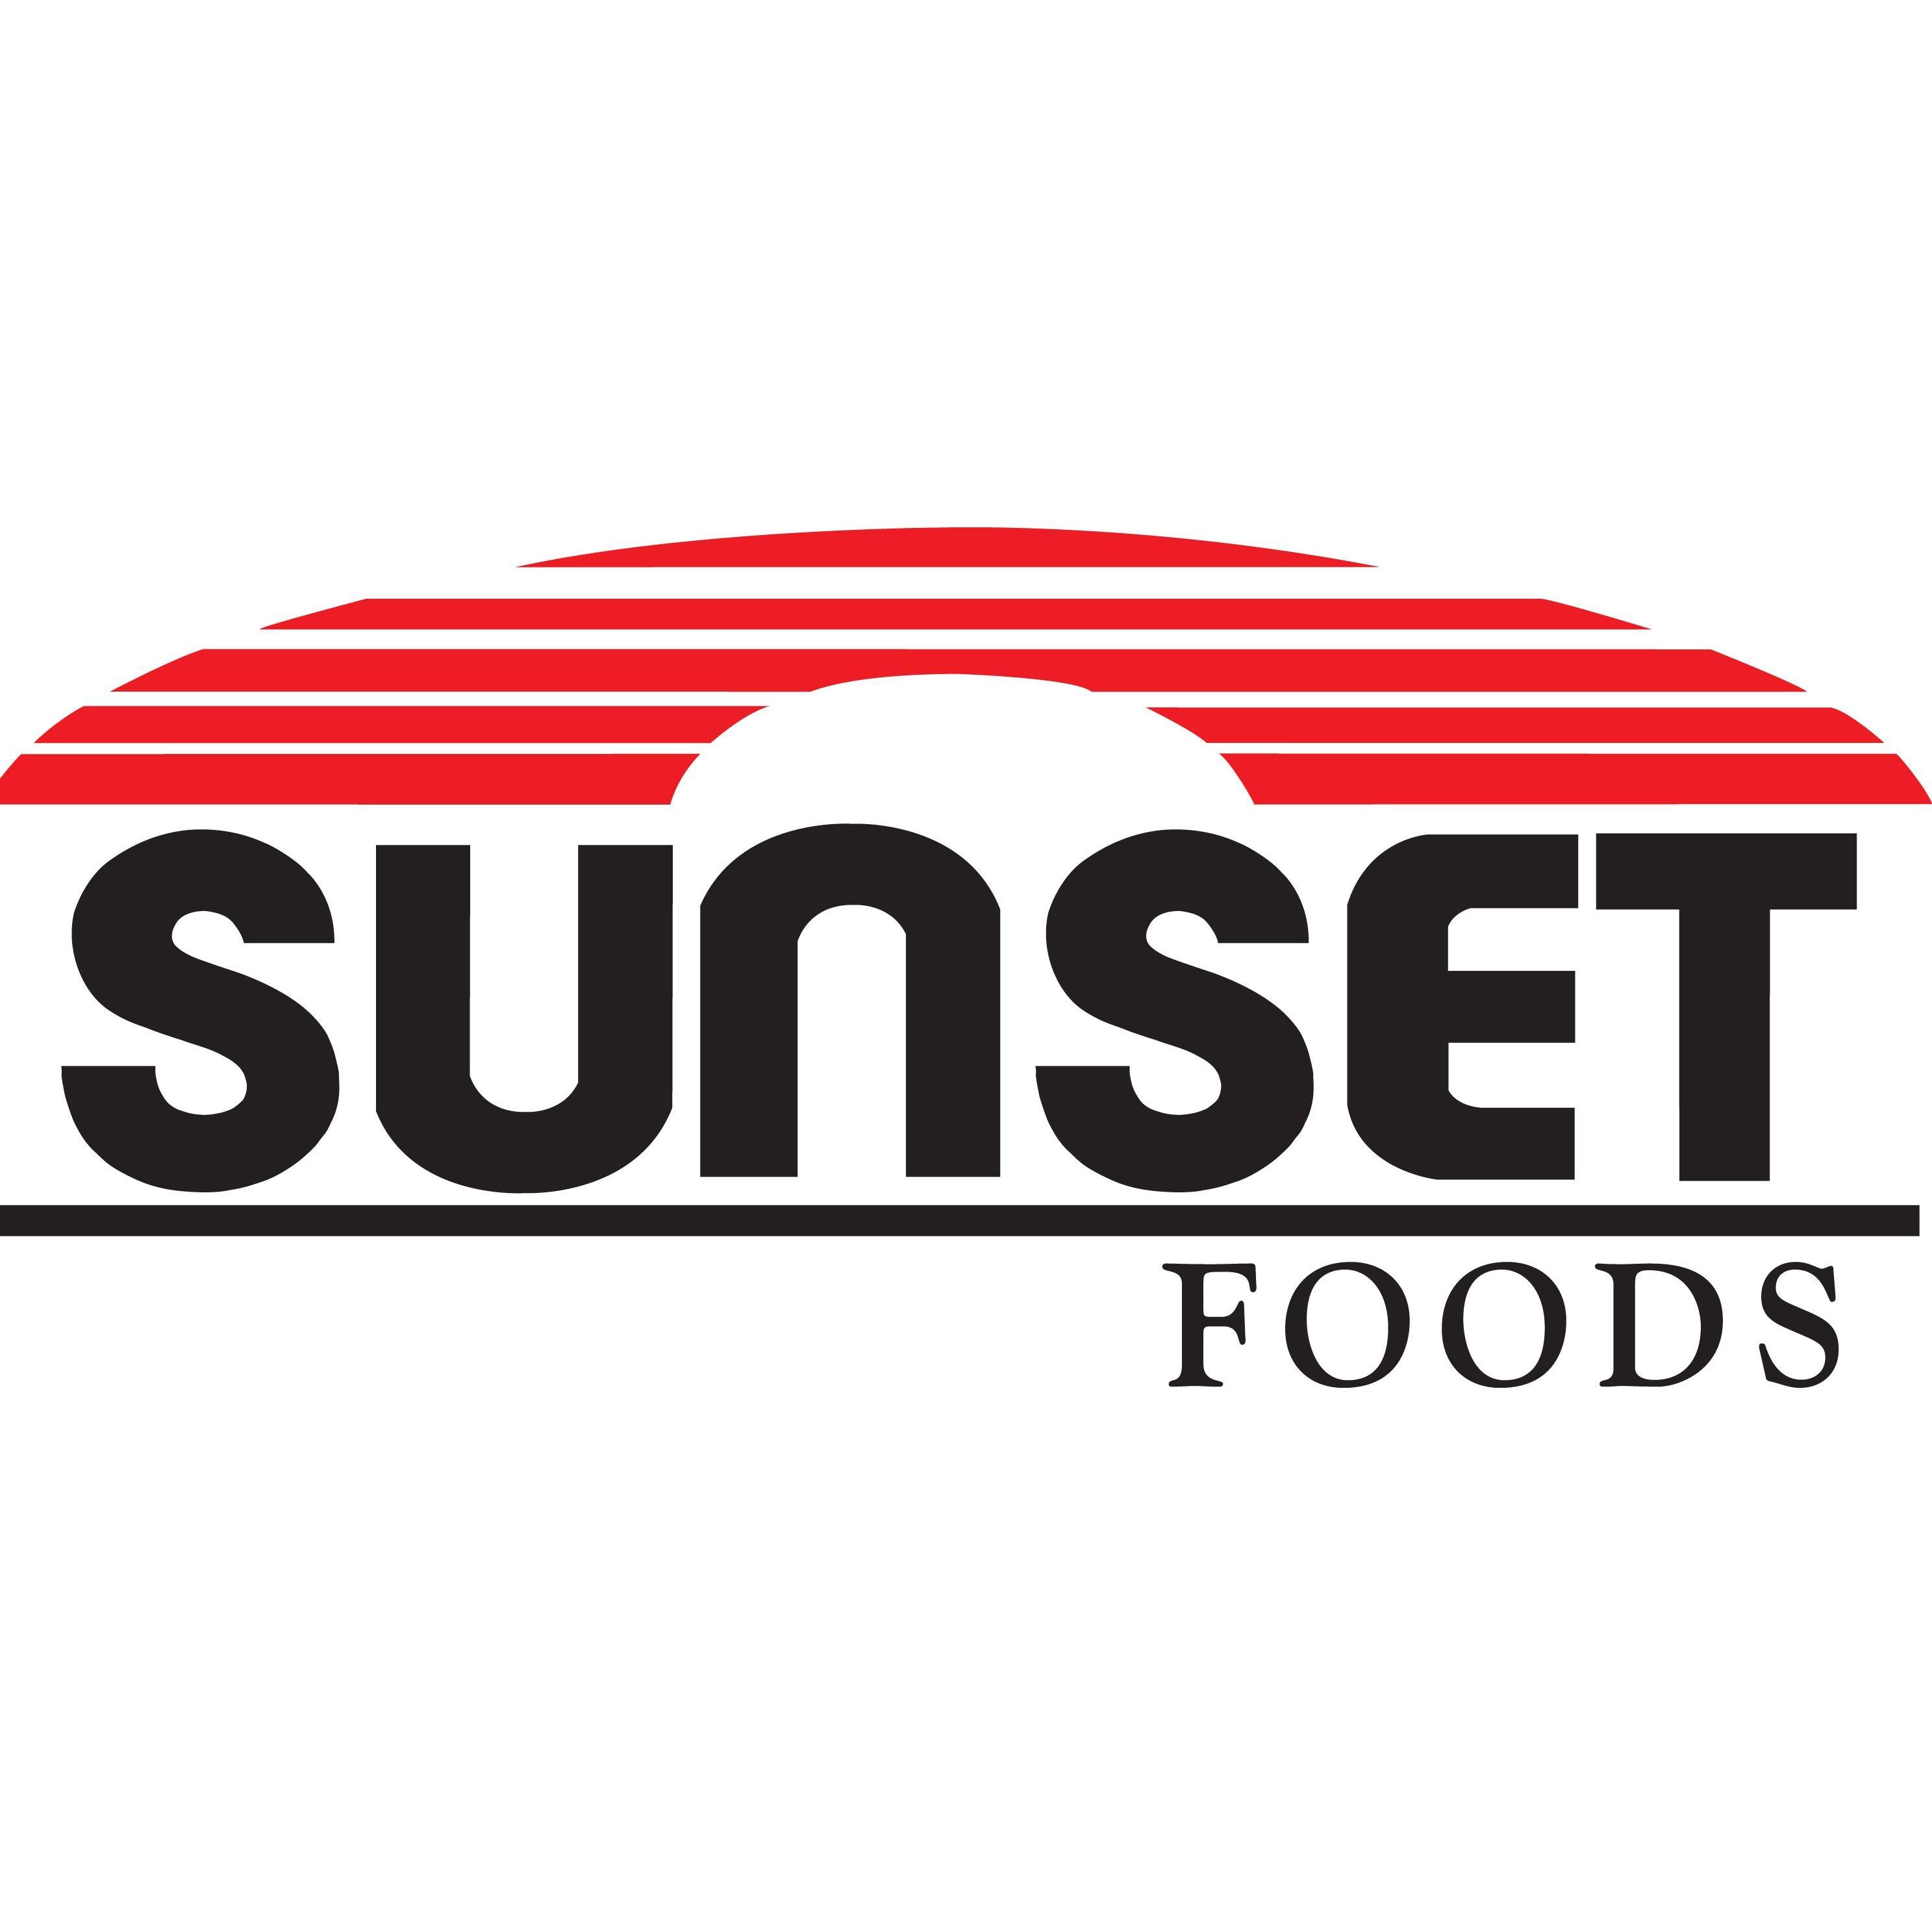 Sunset Foods